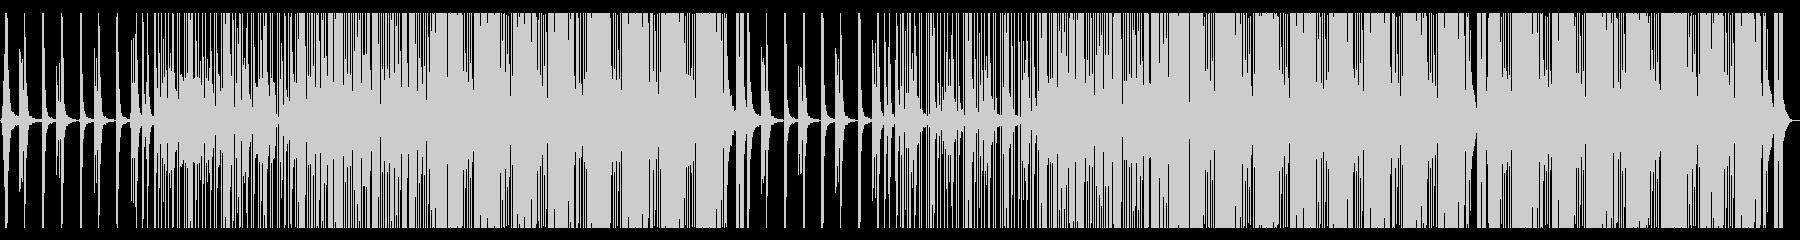 かわいいフューチャーベースNo386の未再生の波形